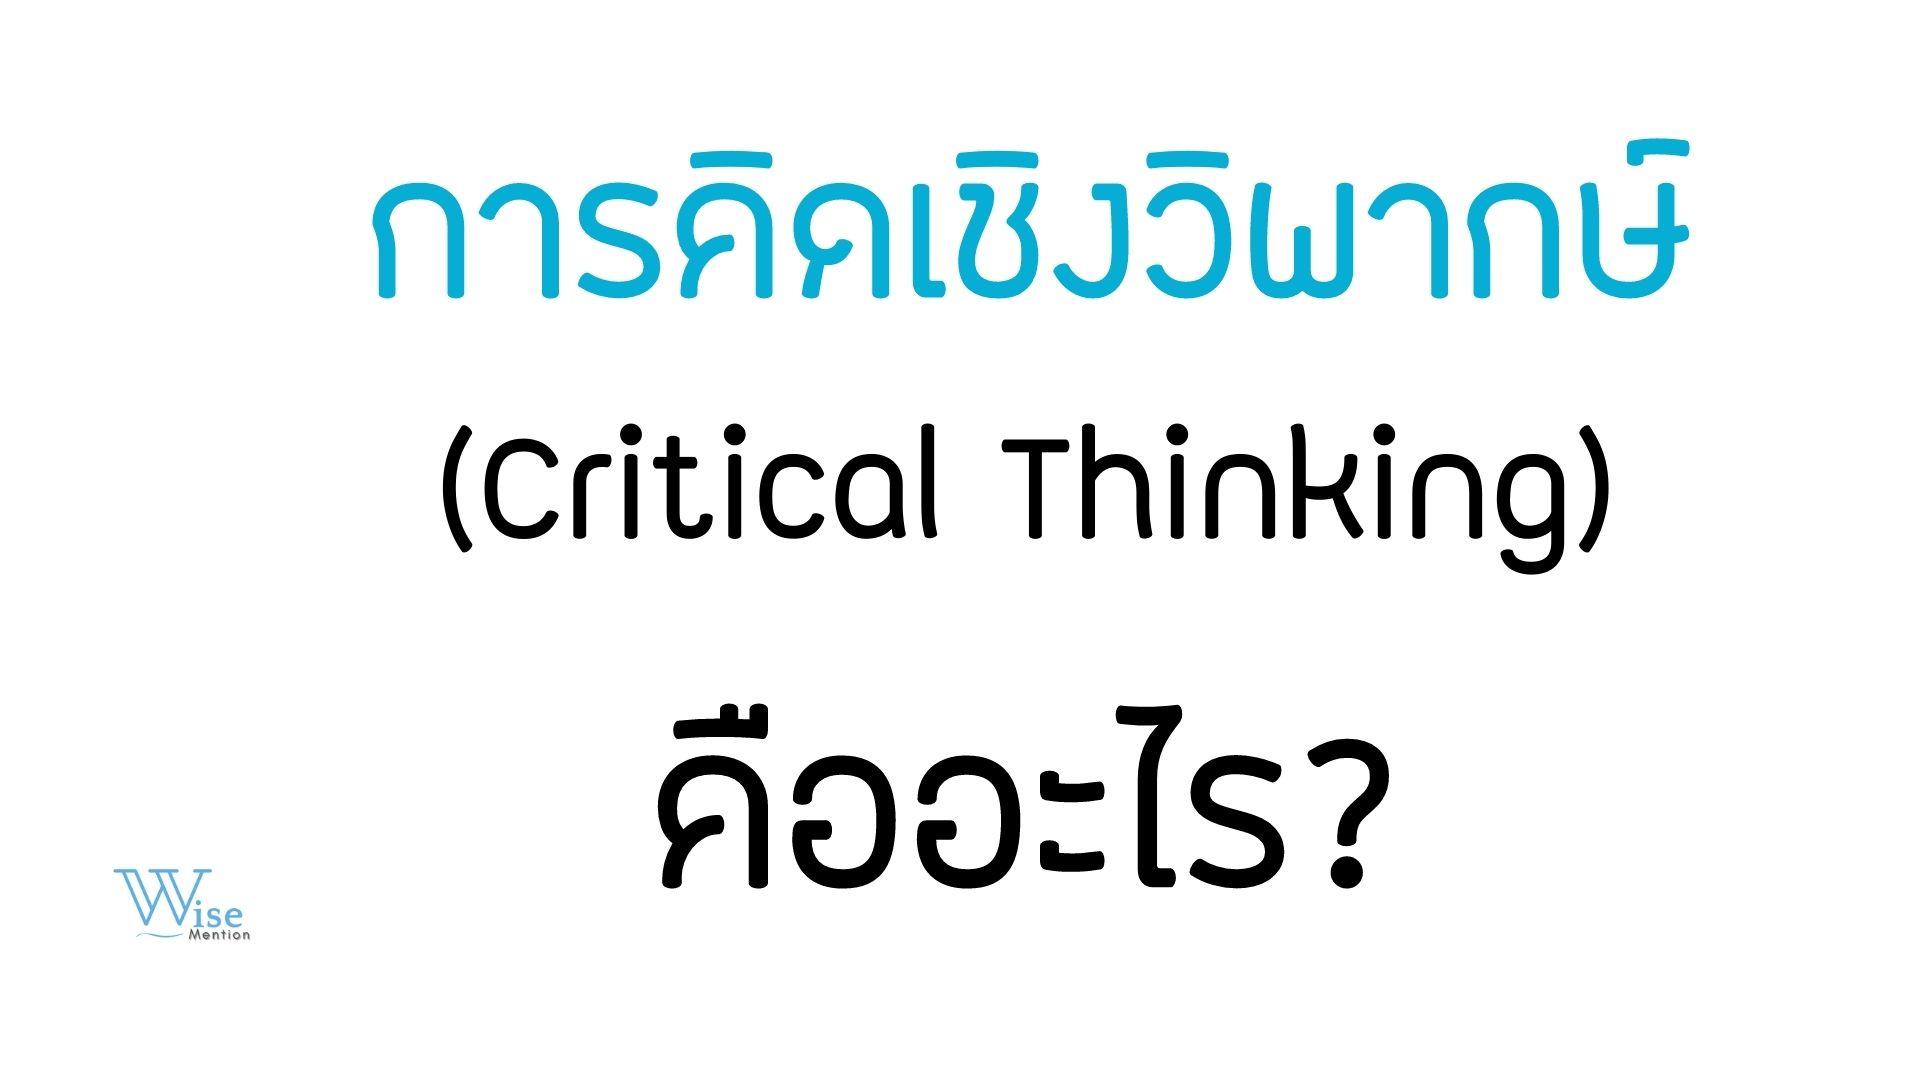 การคิดเชิงวิพากษ์ (Critical Thinking) คืออะไร